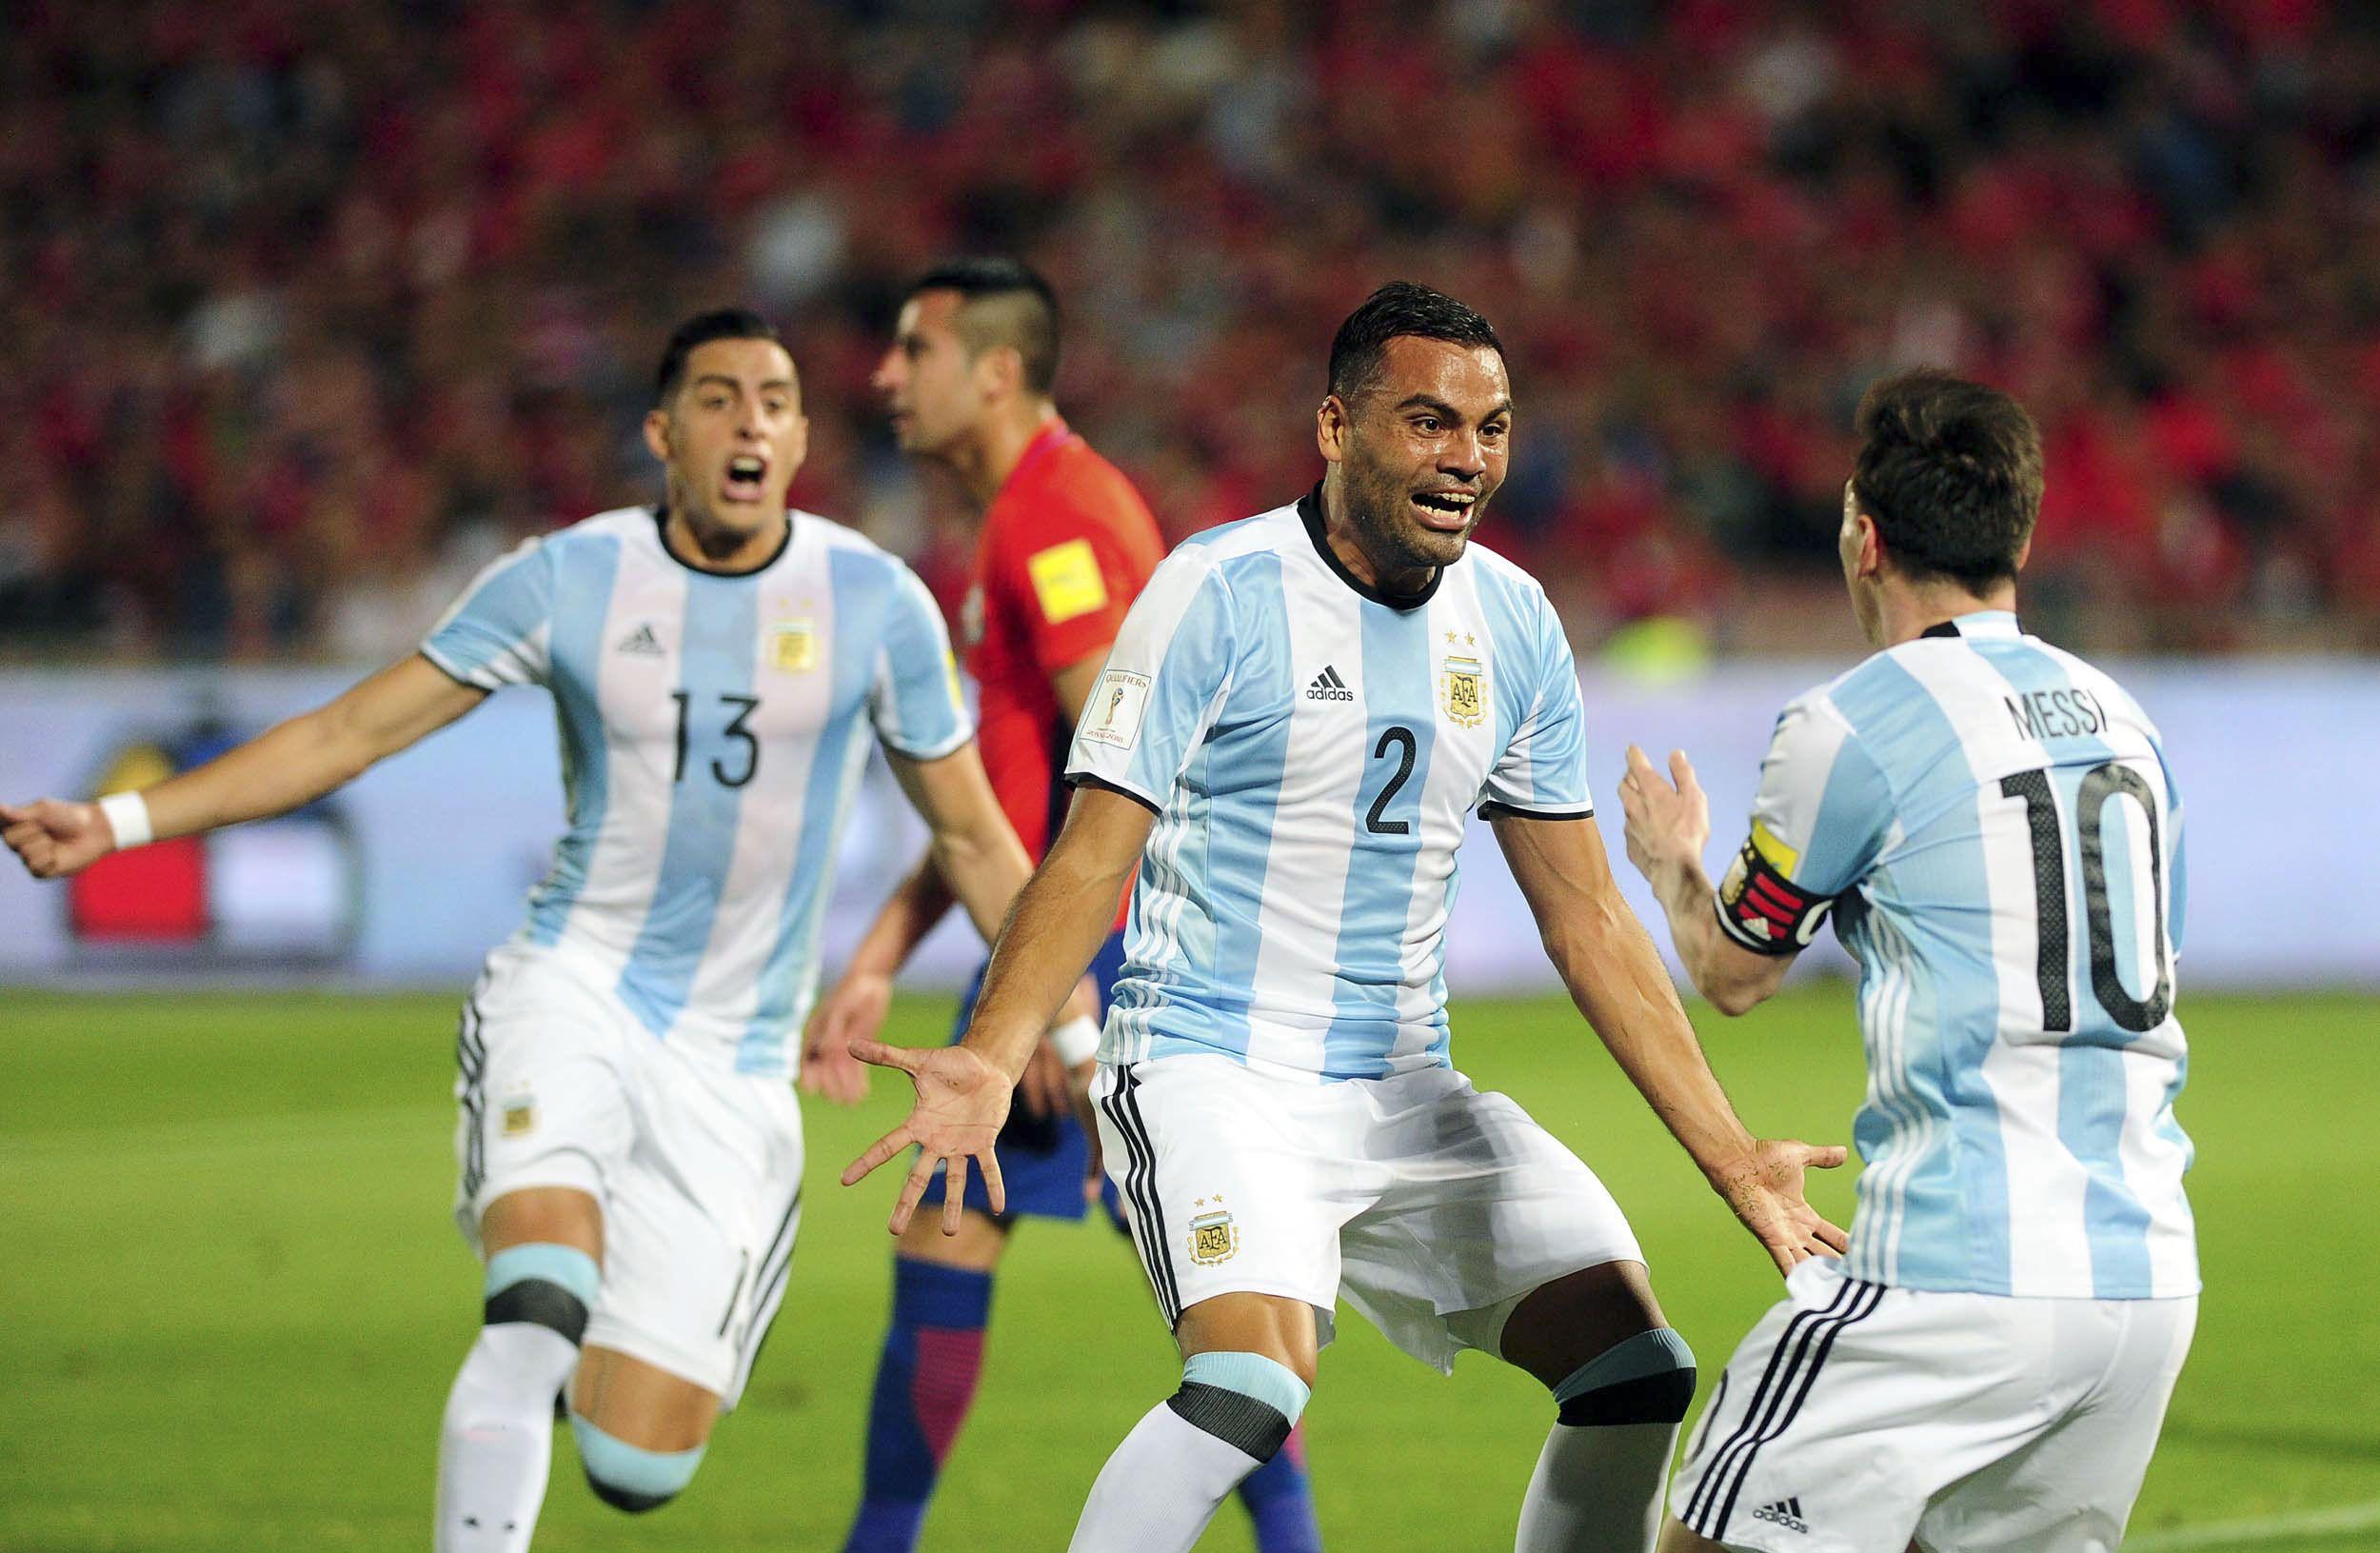 Después de cuatro meses, Argentina recuperó la punta en el ranking FIFA